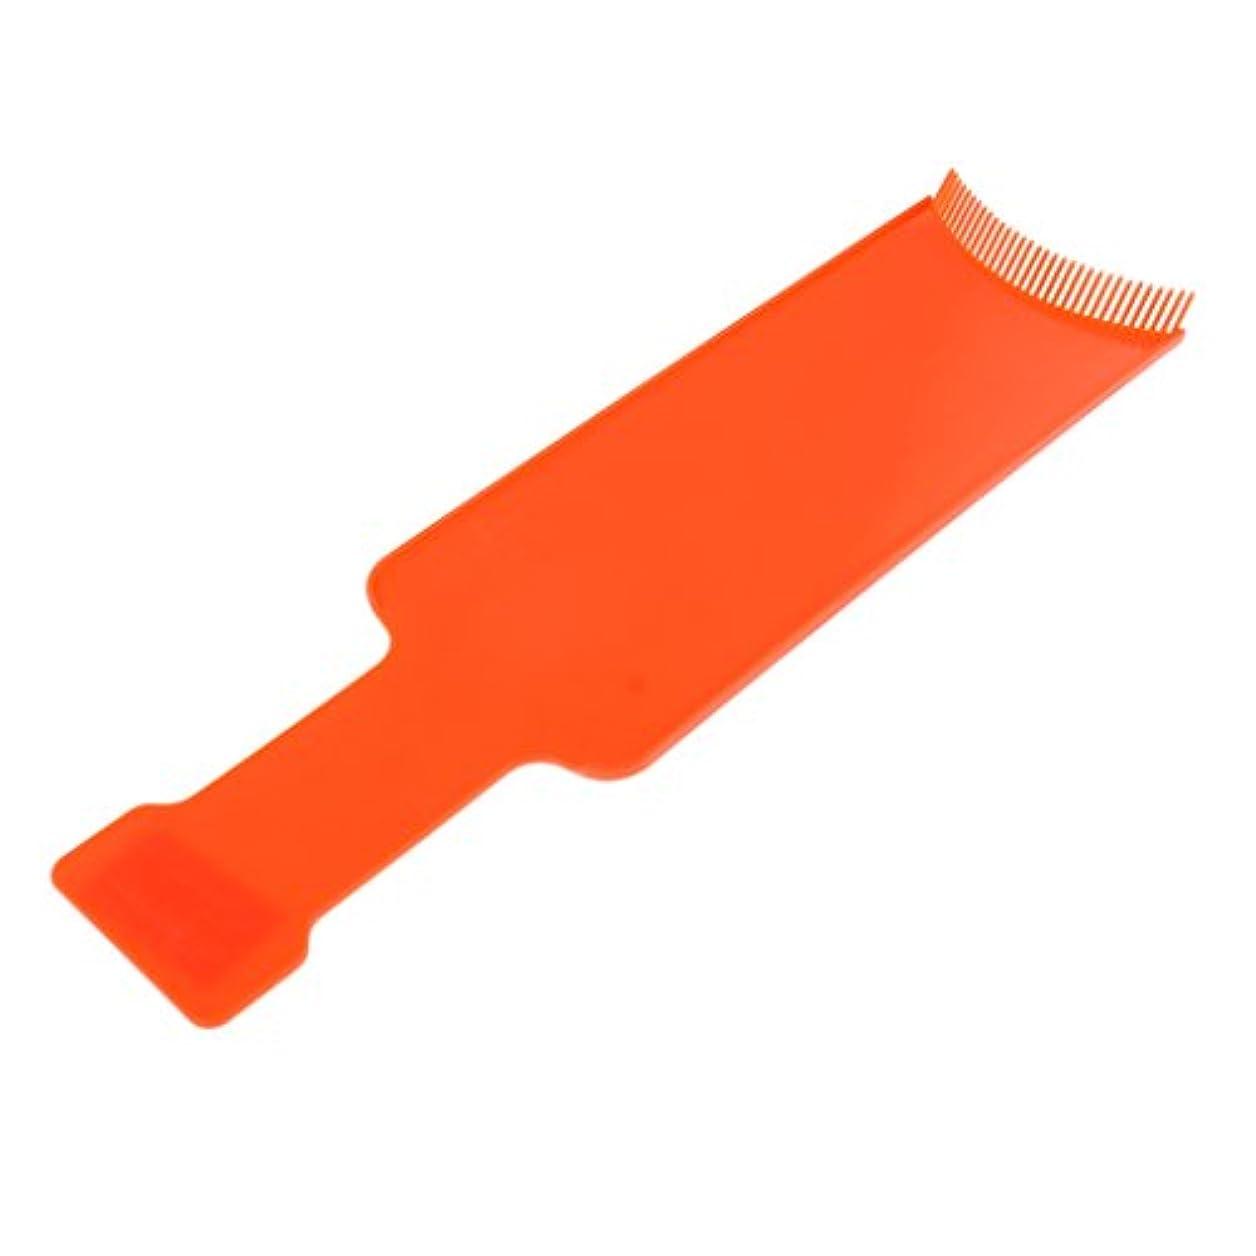 短命それぞれポンペイT TOOYFUL プロフェッショナル理髪染めボード着色ブラシ色合いくしツール - オレンジ, L